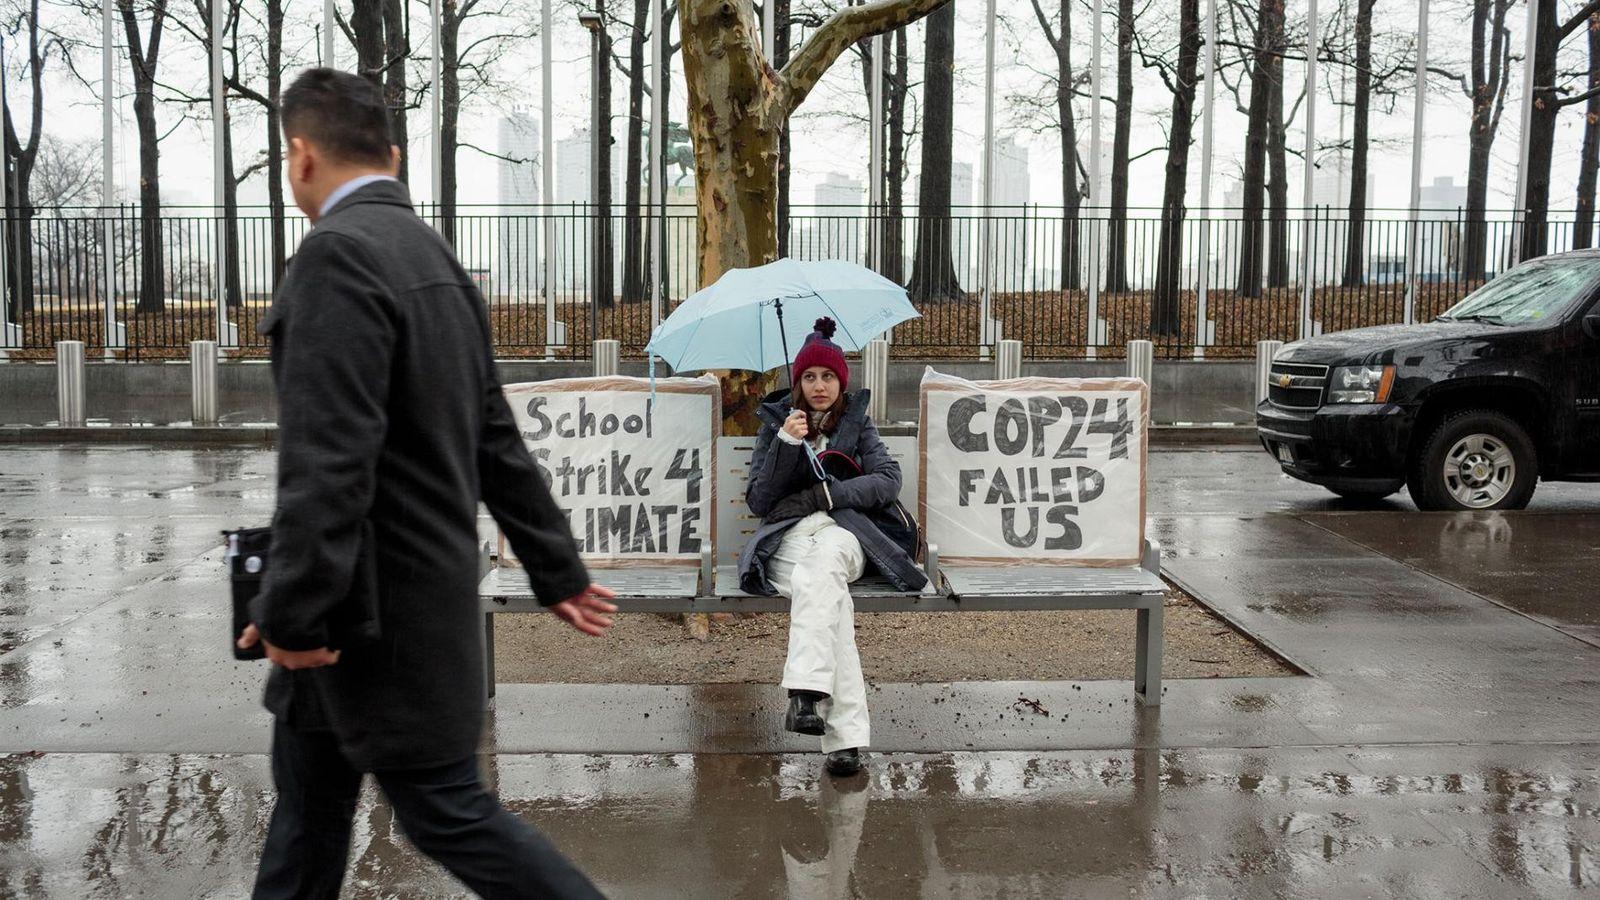 Alexandria Villasenor, 13, mata aula toda sexta-feira para fazer greve em nome das mudanças climáticas. Toda ...